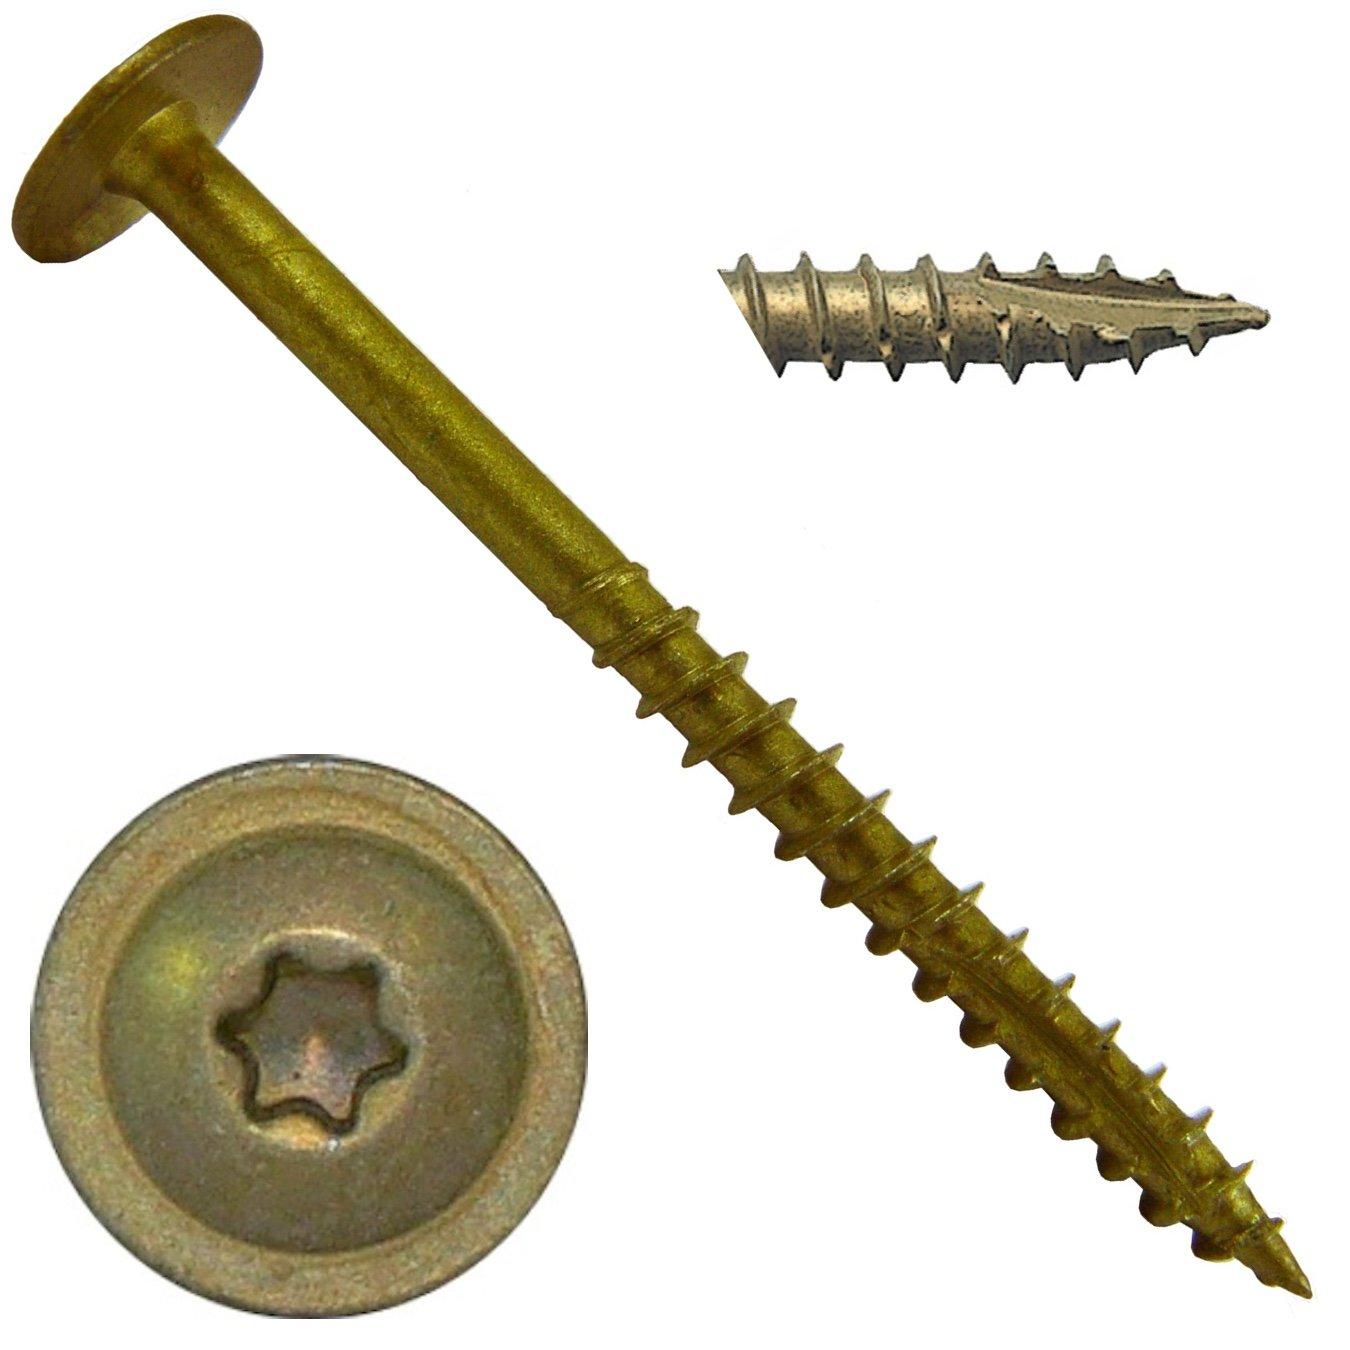 #7 x 1-5/8'' Bronze Star Exterior Coated Modified Truss Head Cabinet Wood Screw Torx/Star Drive Head (5 Pound) - Multipurpose Exterior Coated Torx/Star Drive Wood Screws